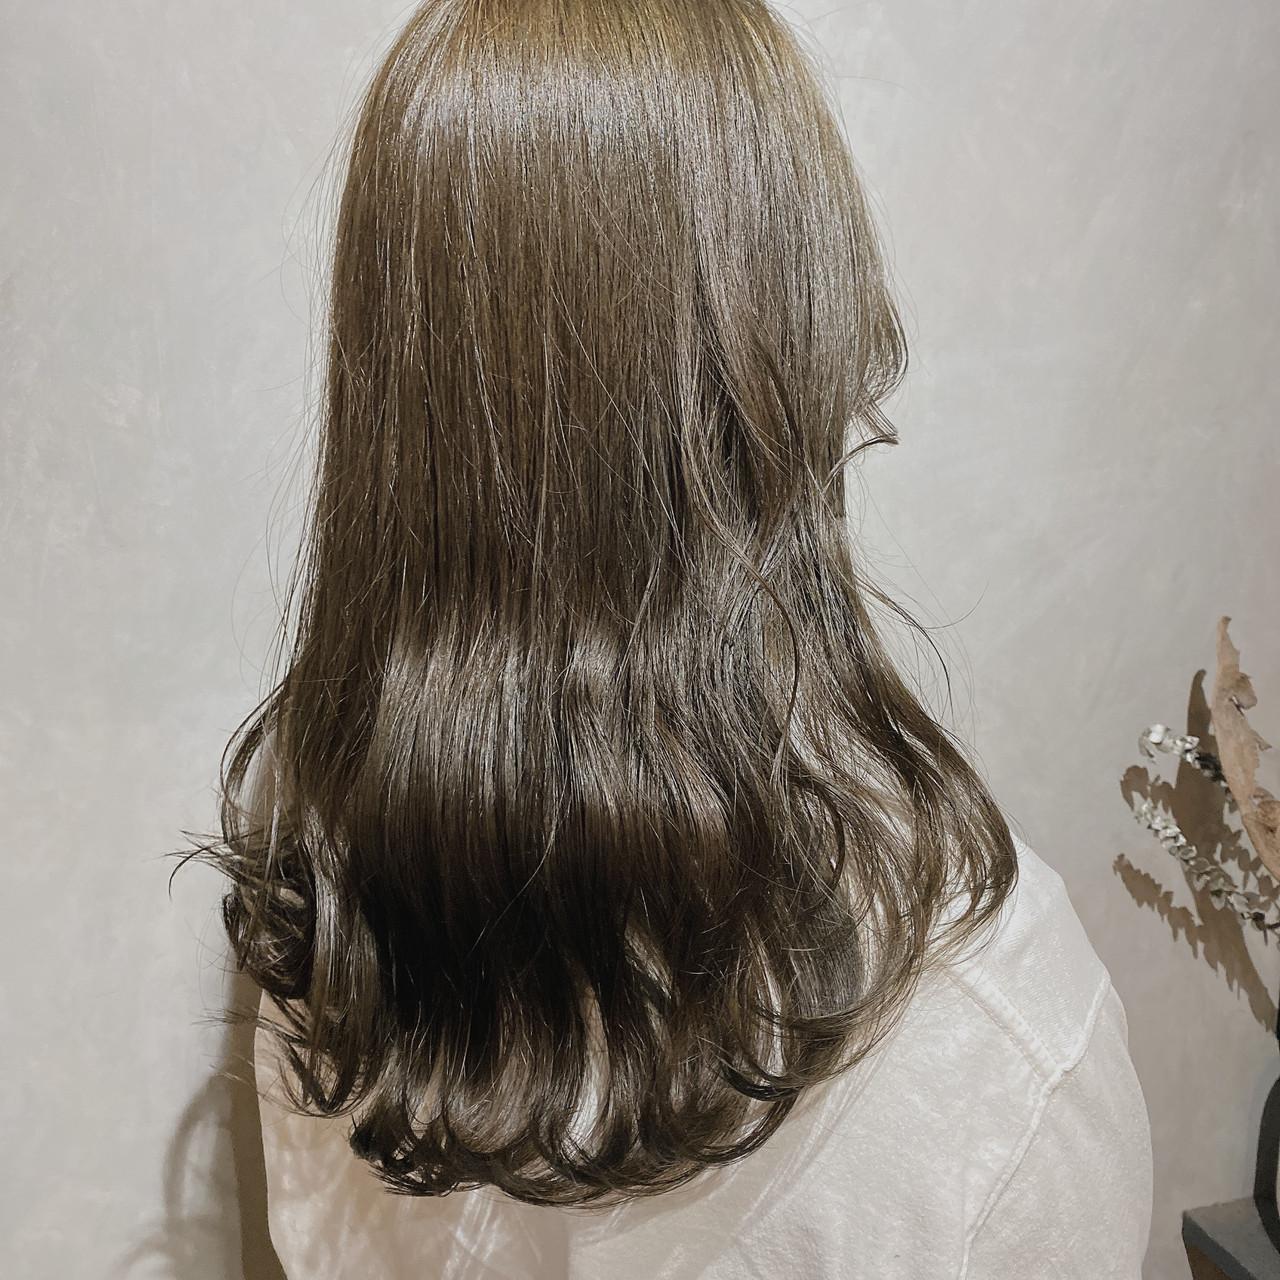 韓国ヘア 韓国 外国人風カラー 簡単ヘアアレンジ ヘアスタイルや髪型の写真・画像   犬島麻姫子 / オルチャンヘアスタイルおまかせください